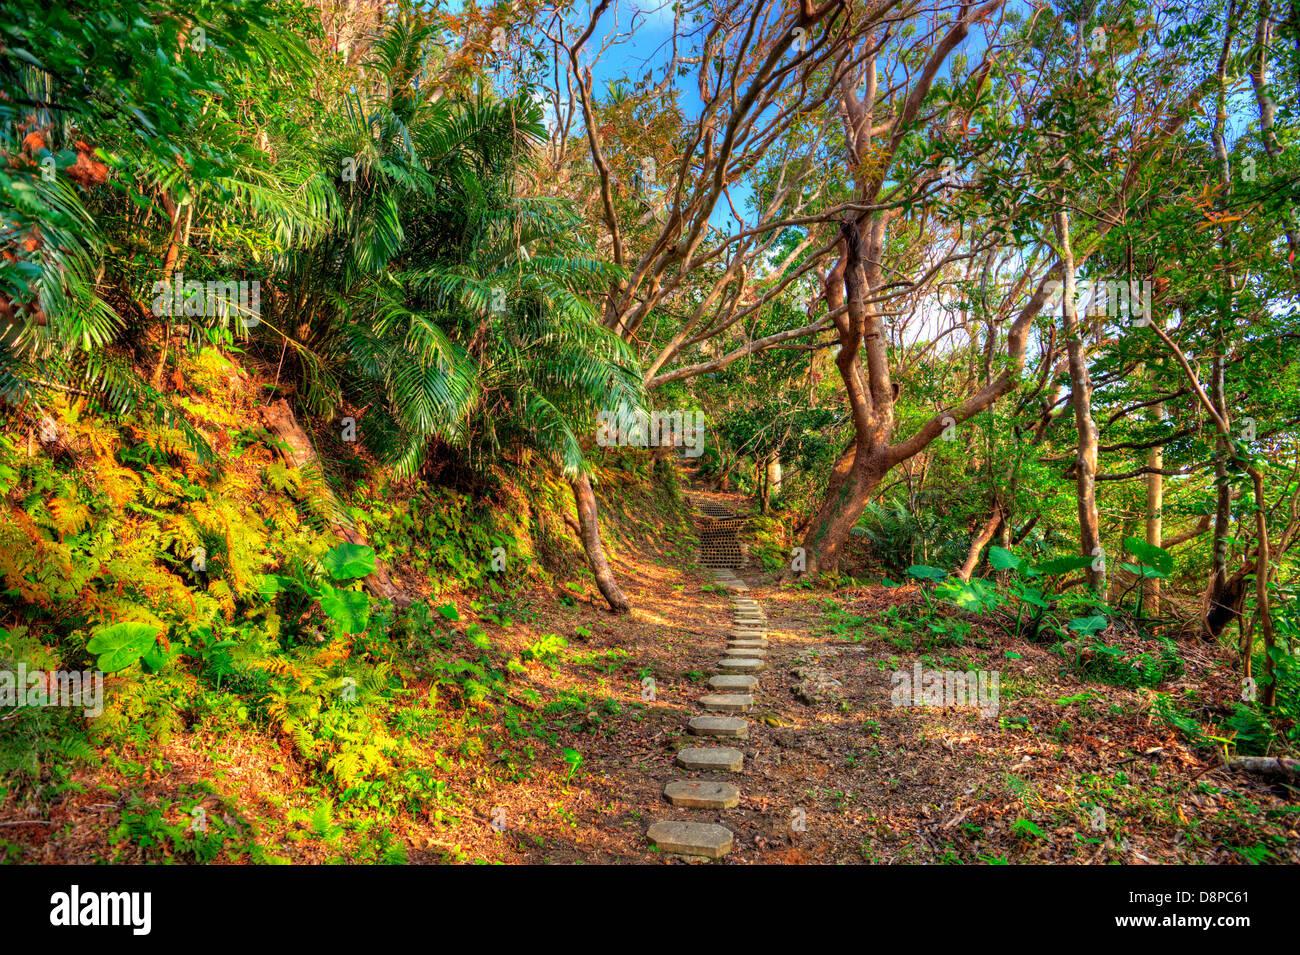 Wanderweg der Dschungel von Okinawa, Japan. Stockbild